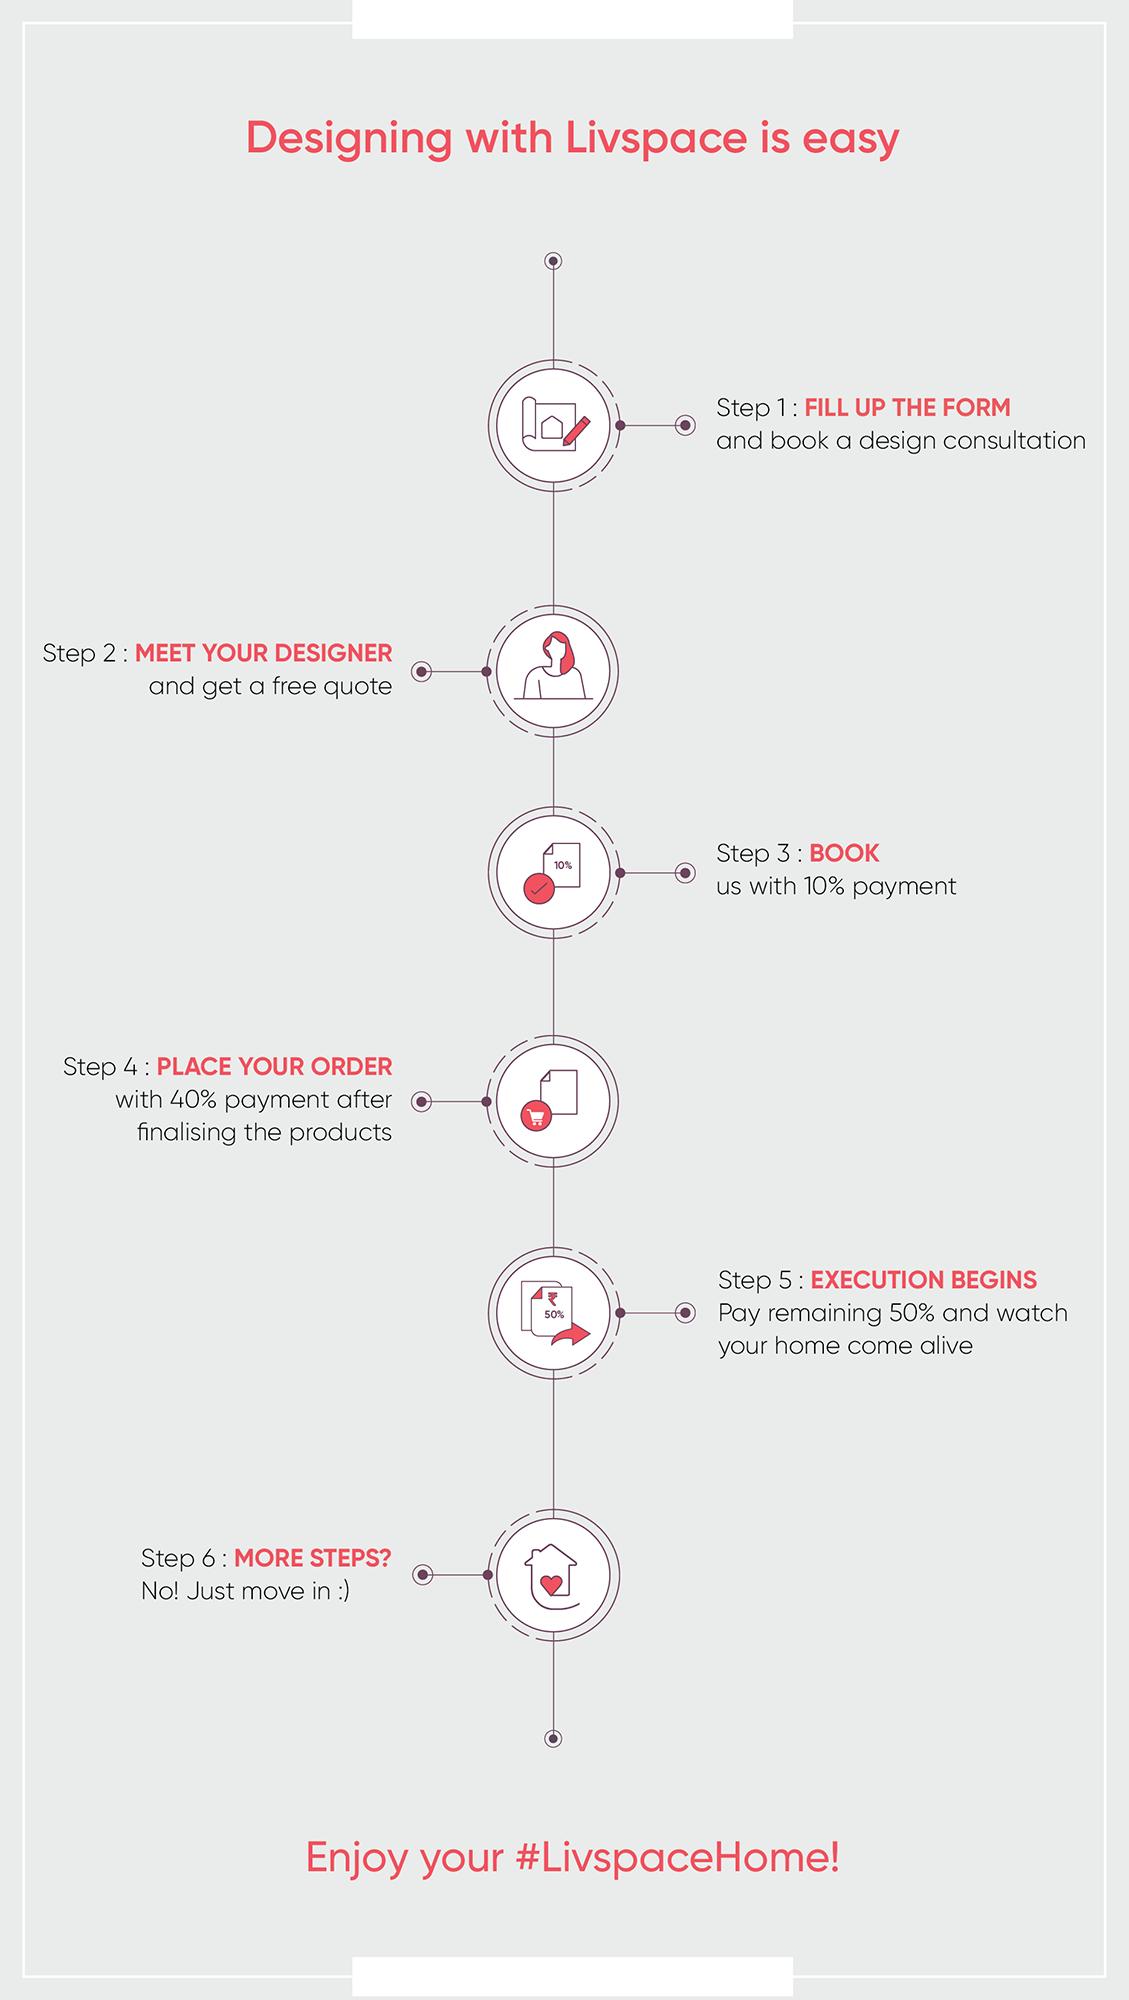 interior-design-infographic-livspace-design-process